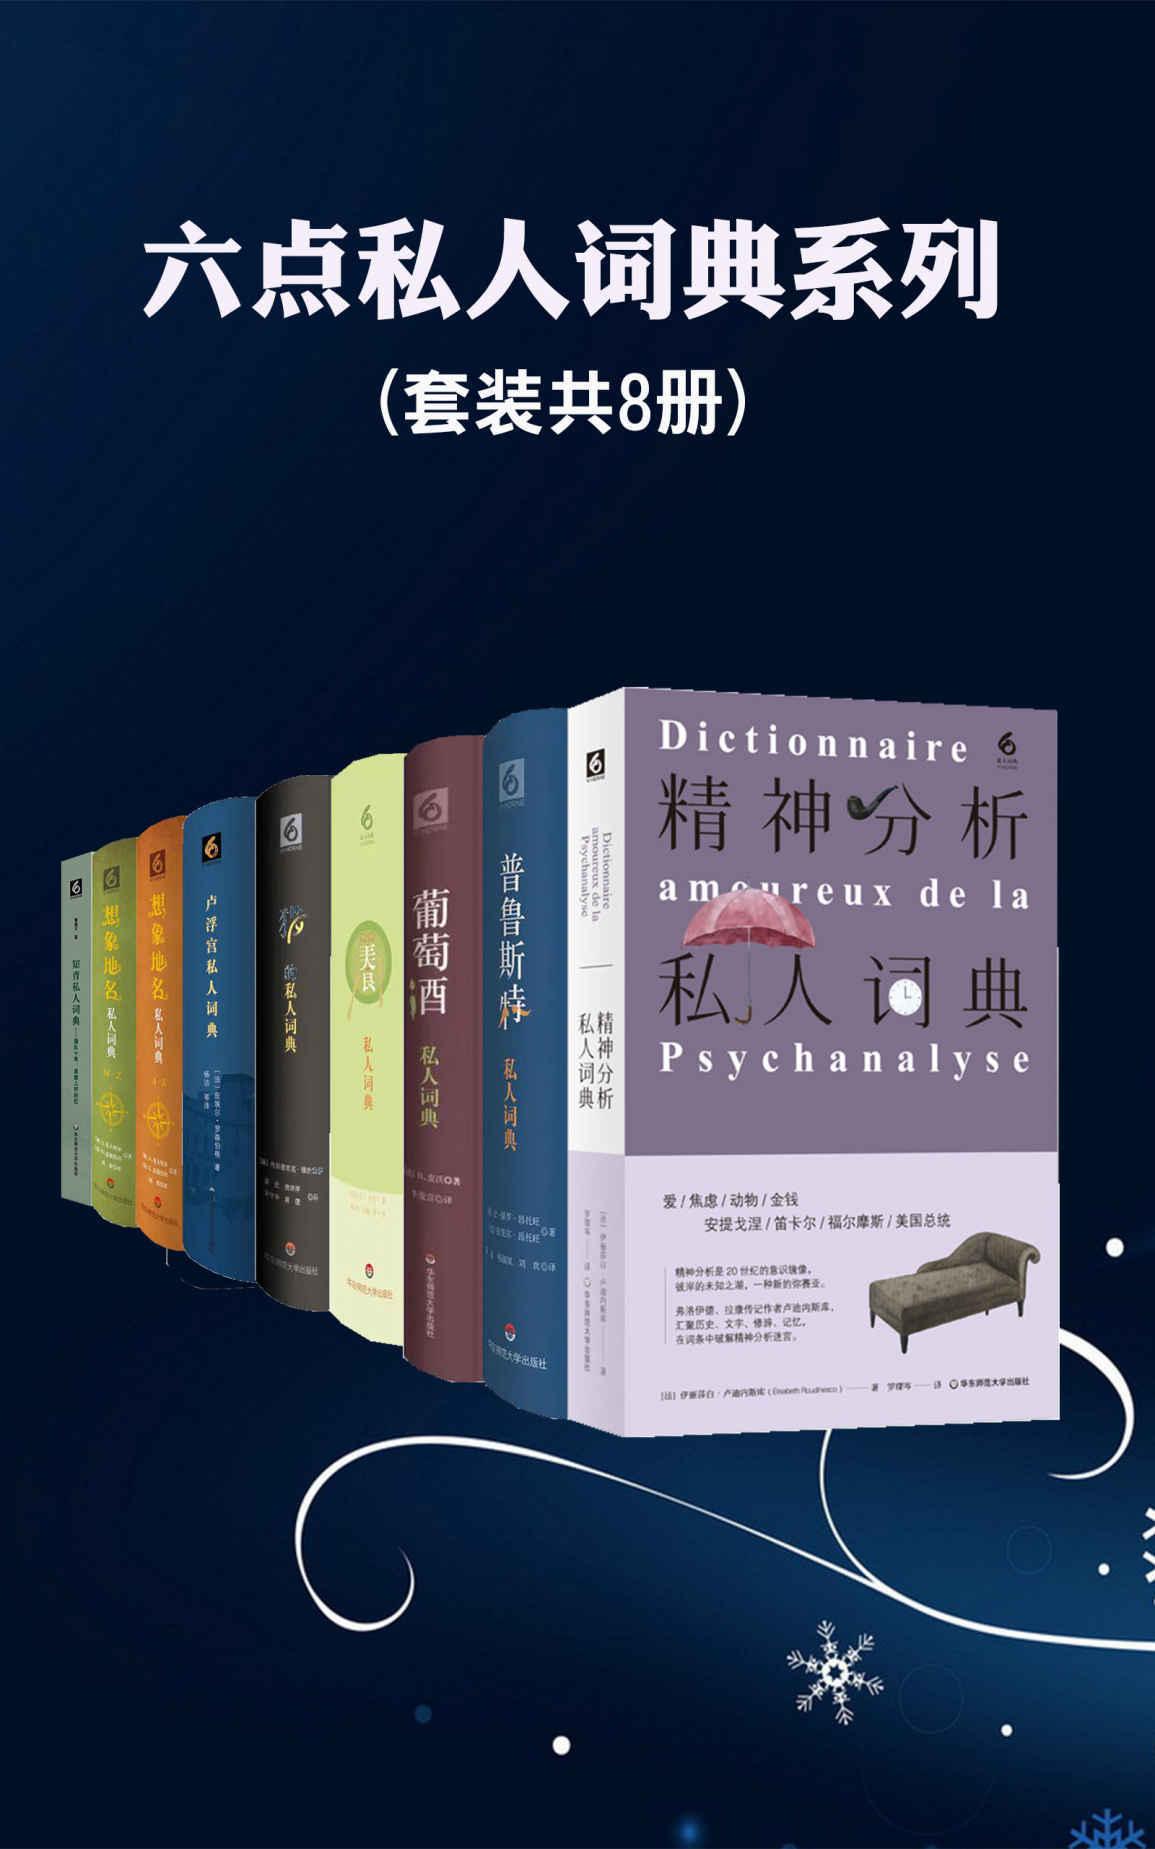 六点私人词典系列(8本装)pdf-epub-mobi-txt-azw3